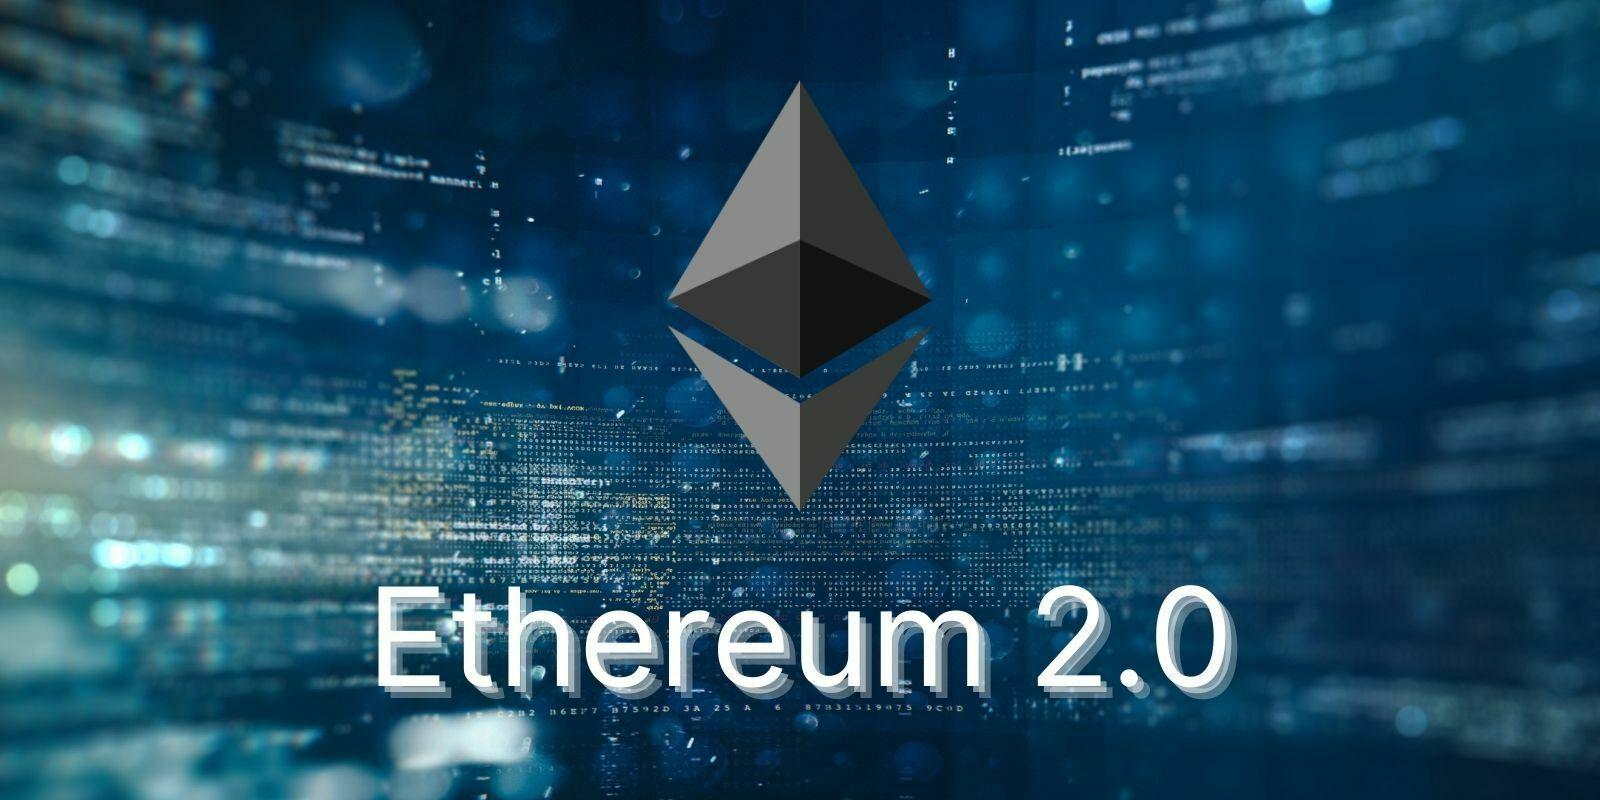 Le lancement d'Ethereum 2.0 (ETH) est prévu pour le 1er décembre 2020